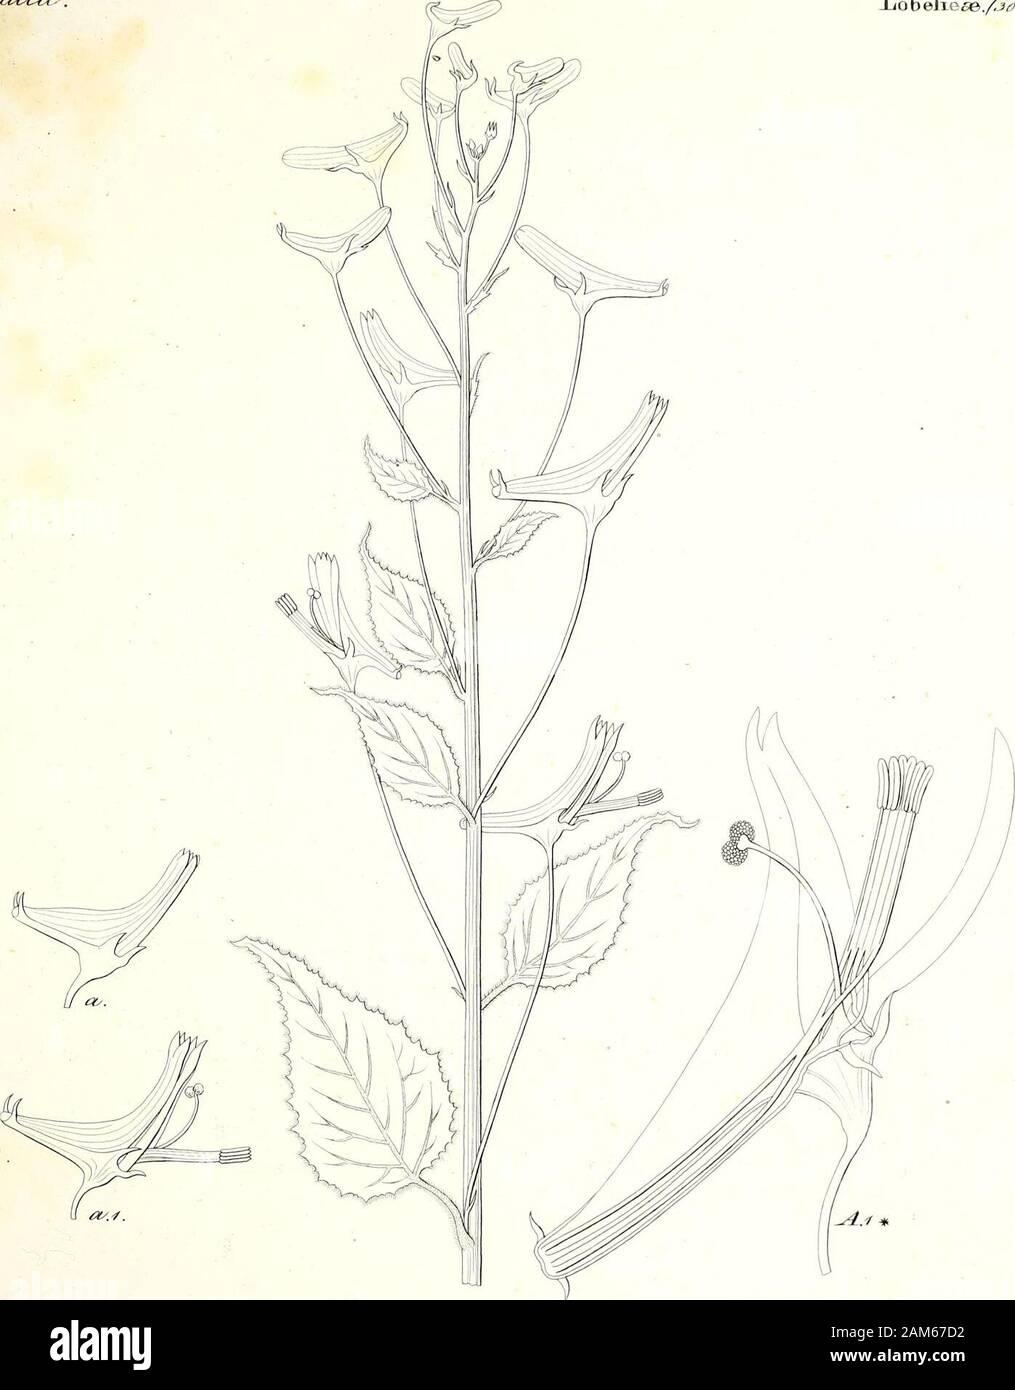 Iconographia generum plantarum . ^yyf^ *. y.52/ /w//zai6&/. Iiob elie^e./S^/^.,. , %%? - ZeArtz&r ddt J^£*Un<Z&&j£ S^ 3 / (y/leac- Olein ese/j^v^. a/J Stock Photo